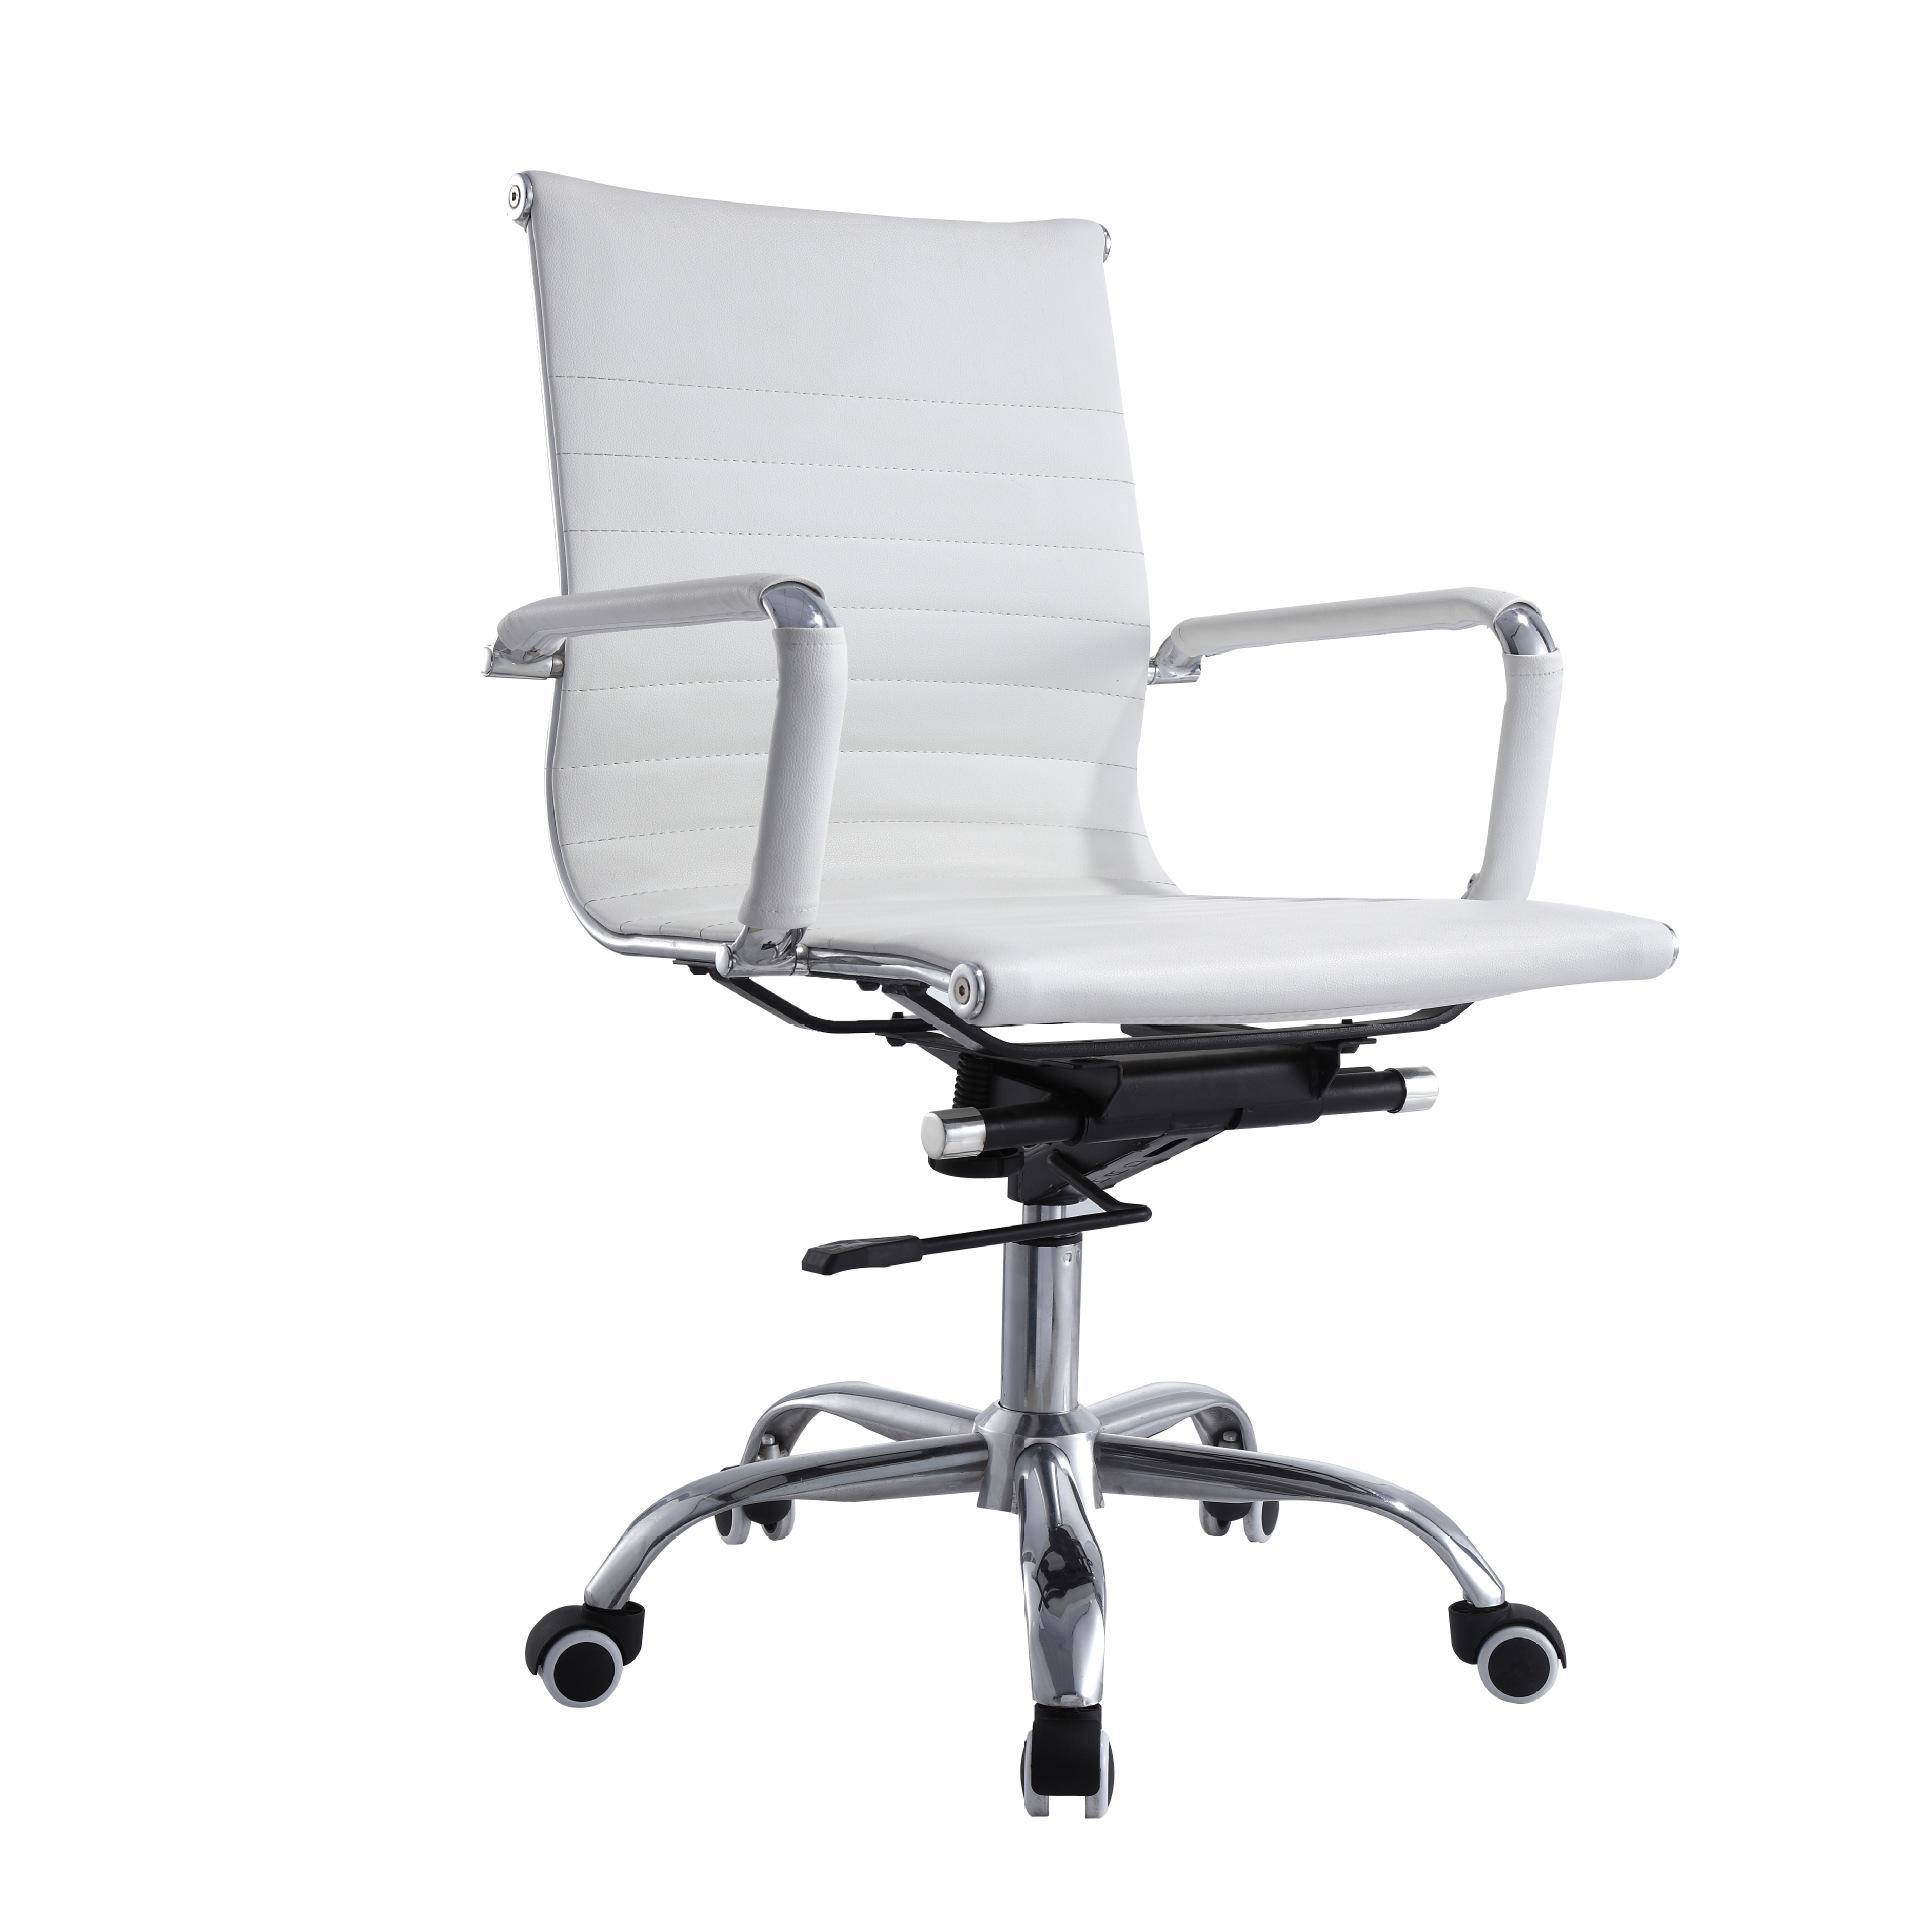 佳皓网椅厂家直销办公家具金属电镀钢架优质西皮车线纹路中班转椅